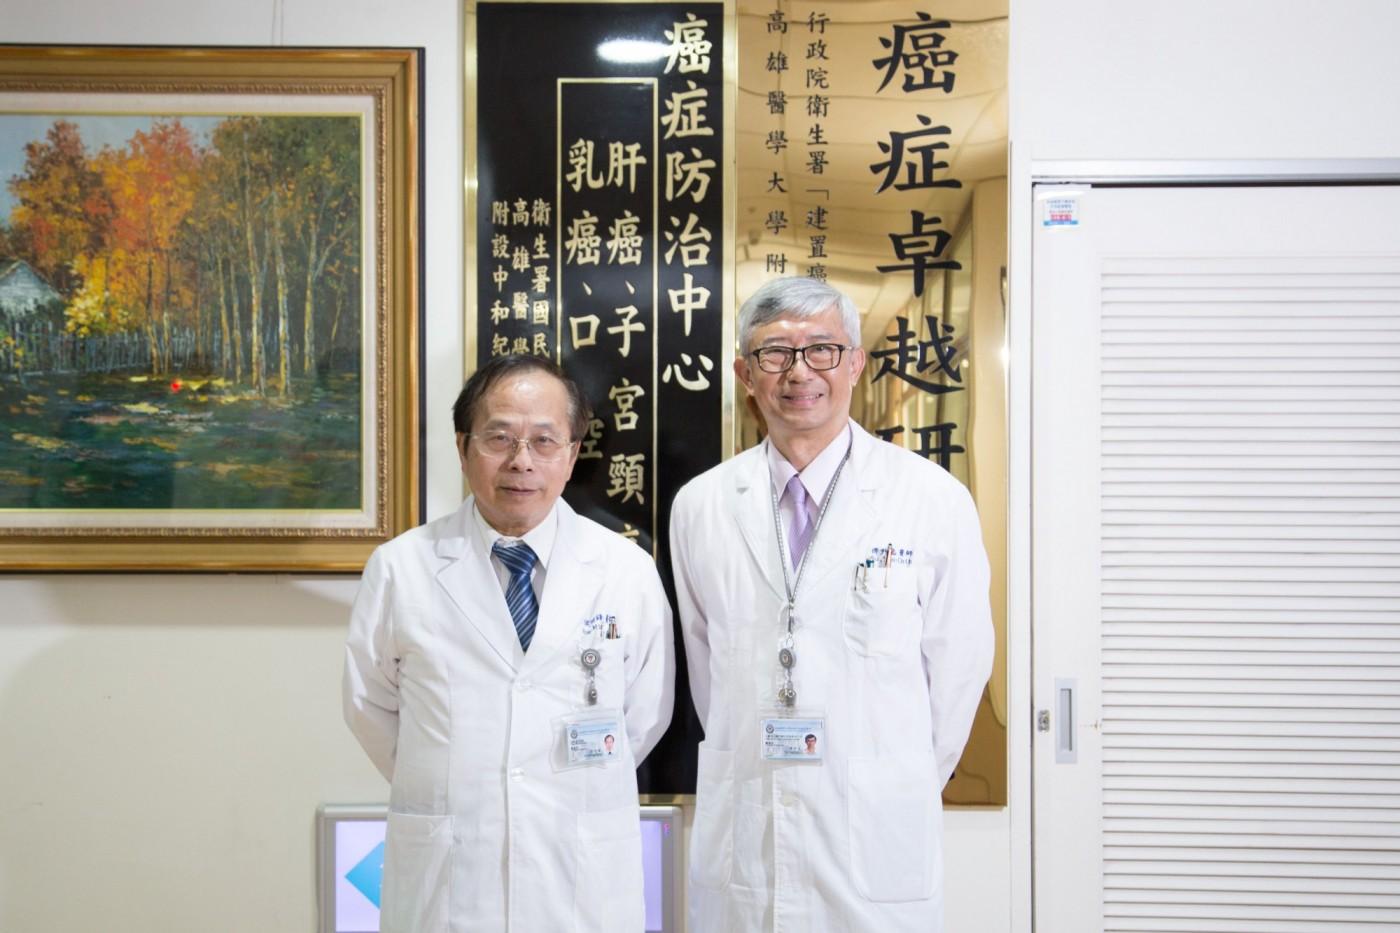 高醫打造以人為本的科技應用  看見醫療創新無限可能